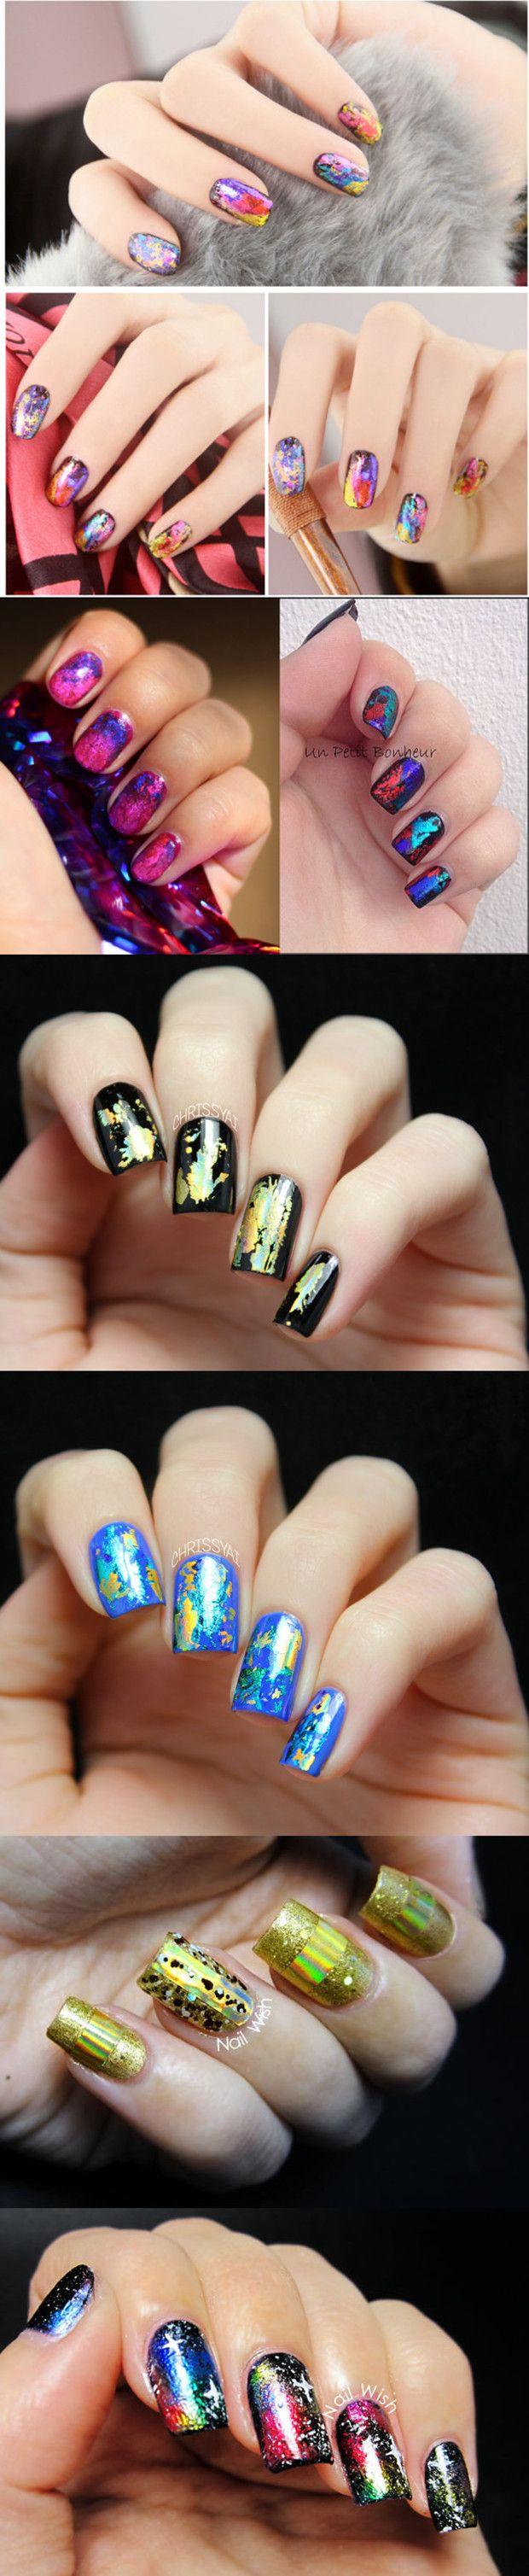 $0.99 Fantasy Starry Holo Nail Foils Glitter Transfer Stickers Nail Decoration 30 x 10cm - BornPrettyStore.com